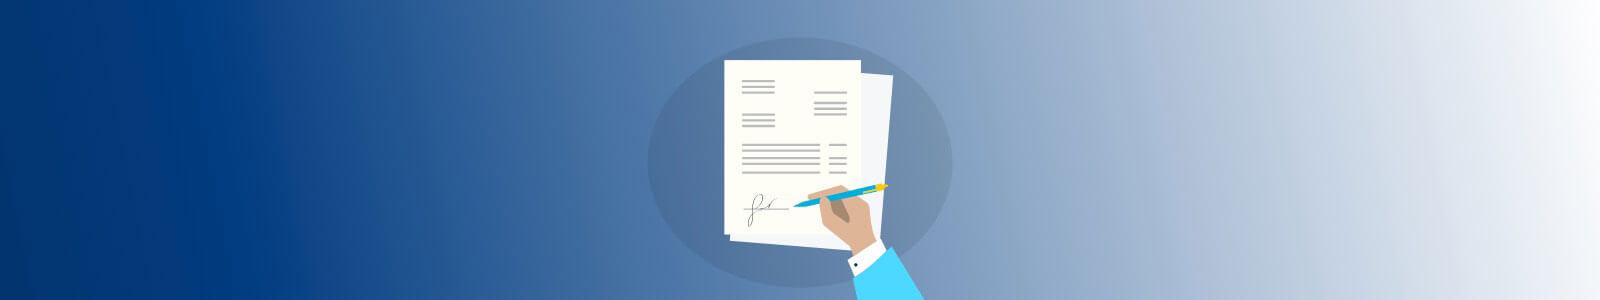 Muss man Rechnungen unterschreiben?